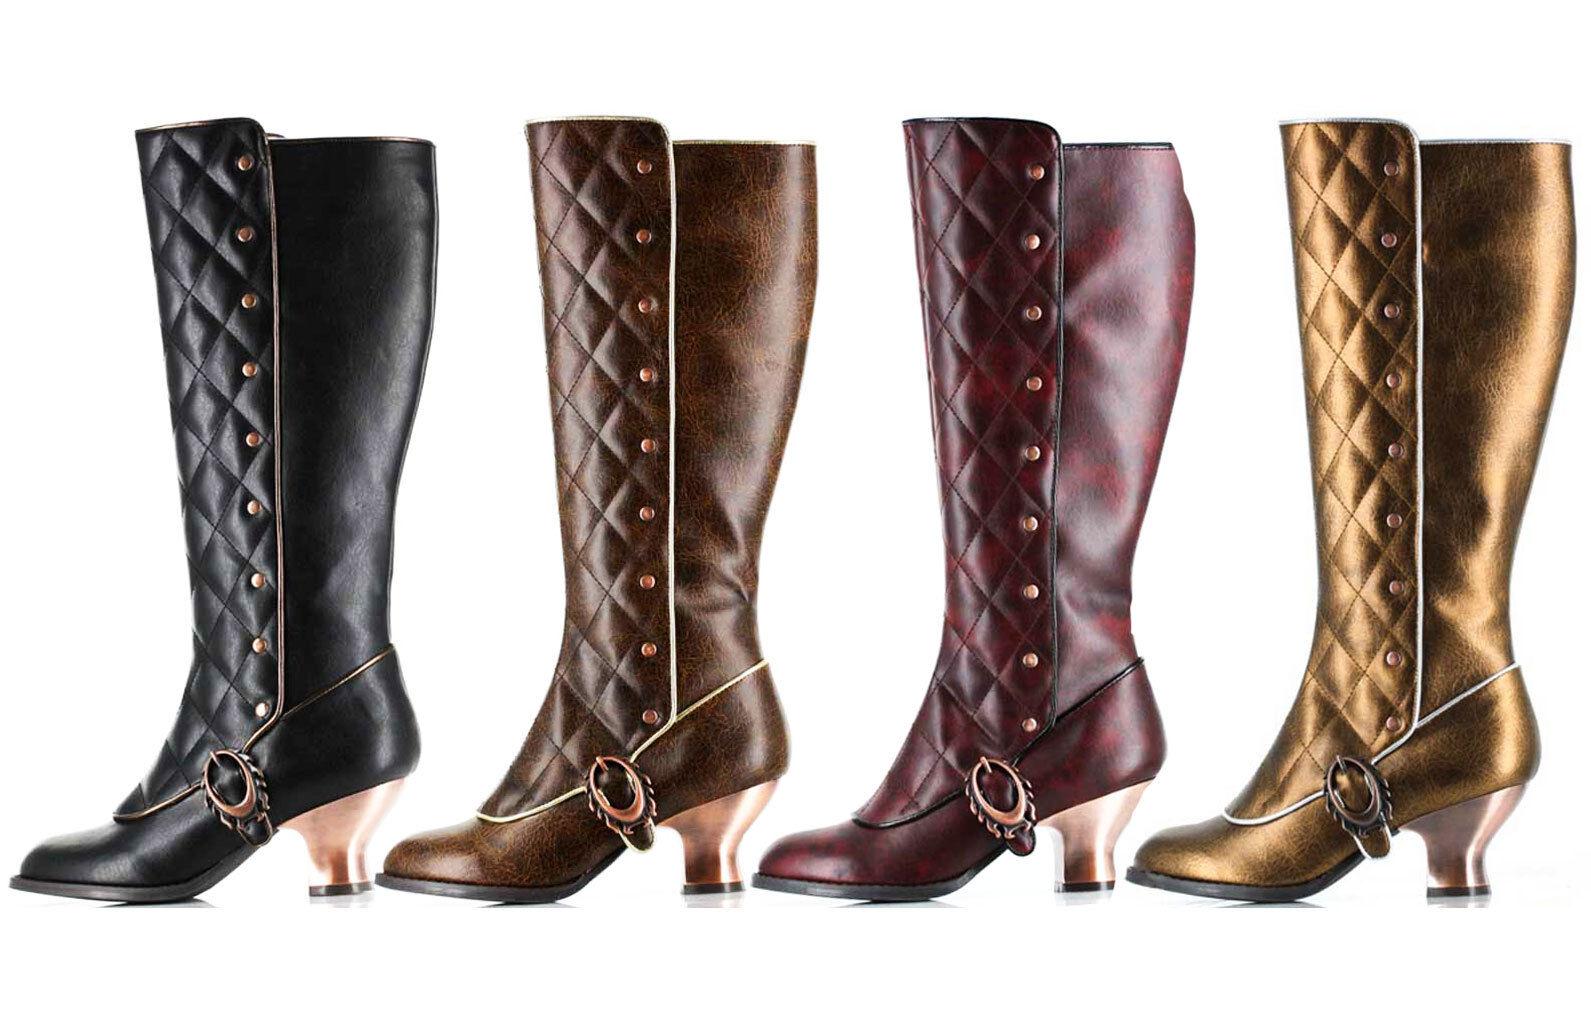 Hades VICTORIANA Steampunk Knee High Black Brown Burgundy Boots Copper Heels